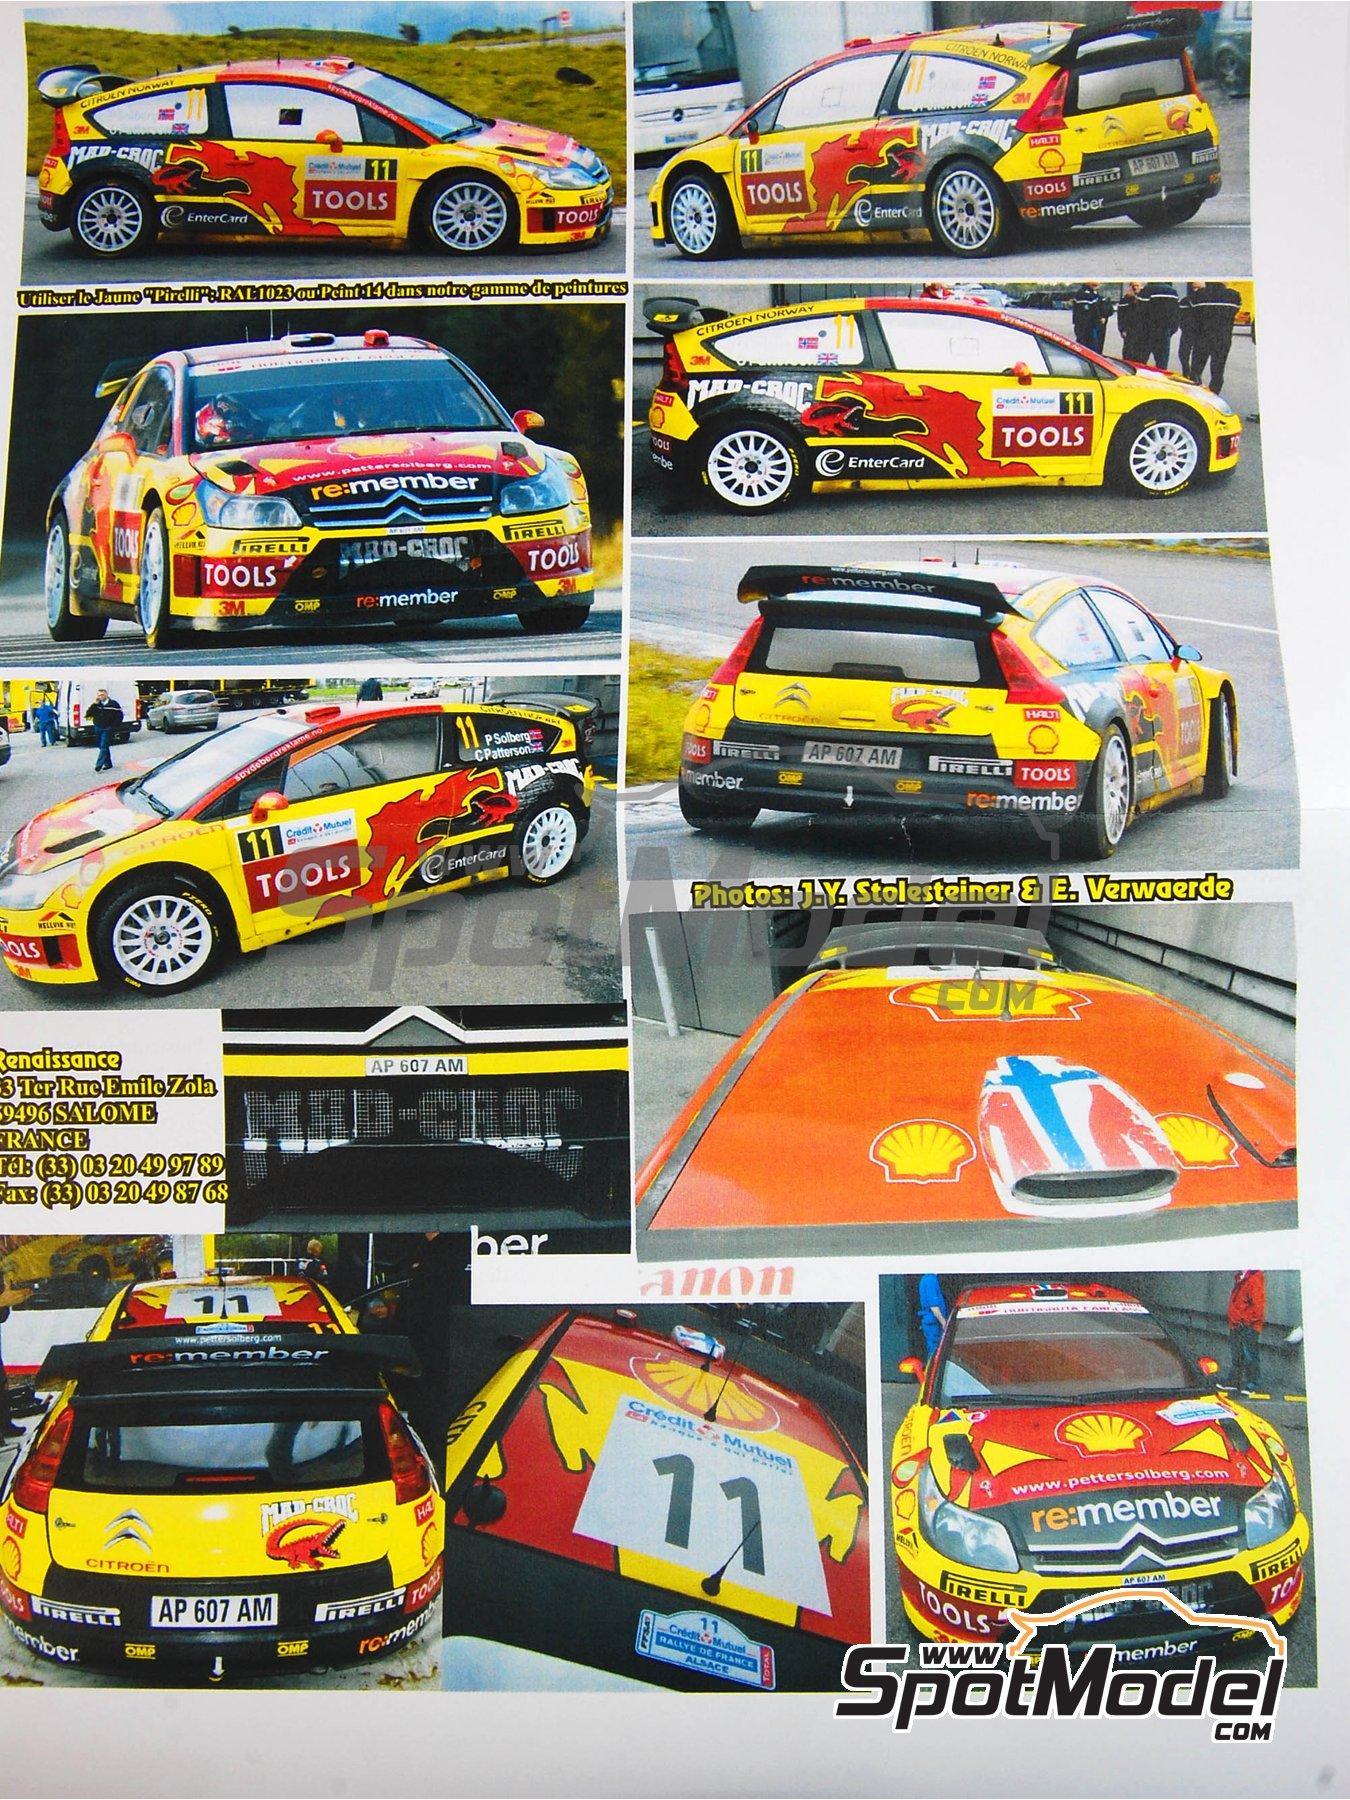 Citroen C4 WRC - Rally de Francia 2010 | Maqueta de coche en escala1/24 fabricado por Renaissance Models (ref.24-27B, tambien 24/27B) image